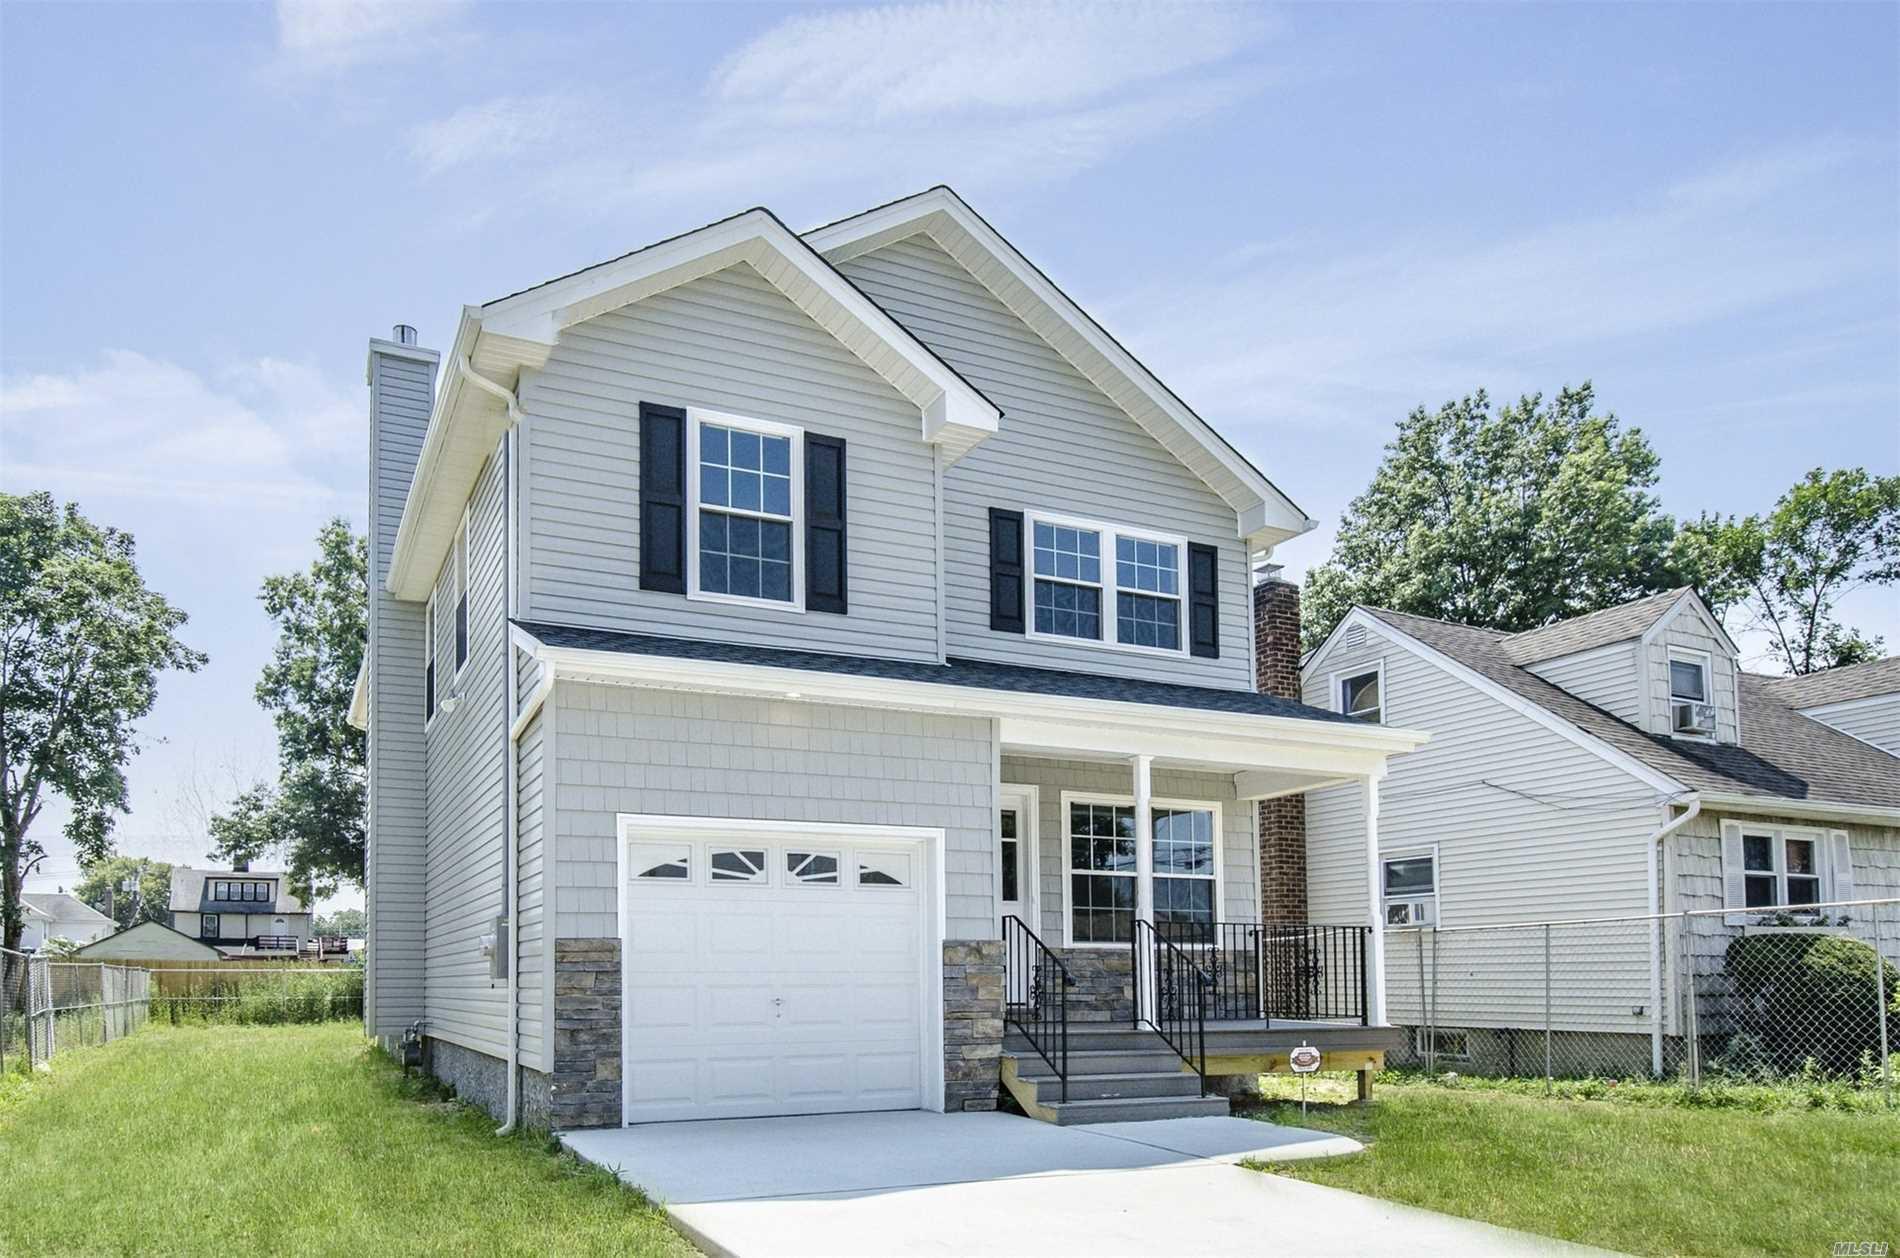 144 Grenada Ave, Roosevelt, NY | MLS# 3059080 | Long Island Homes